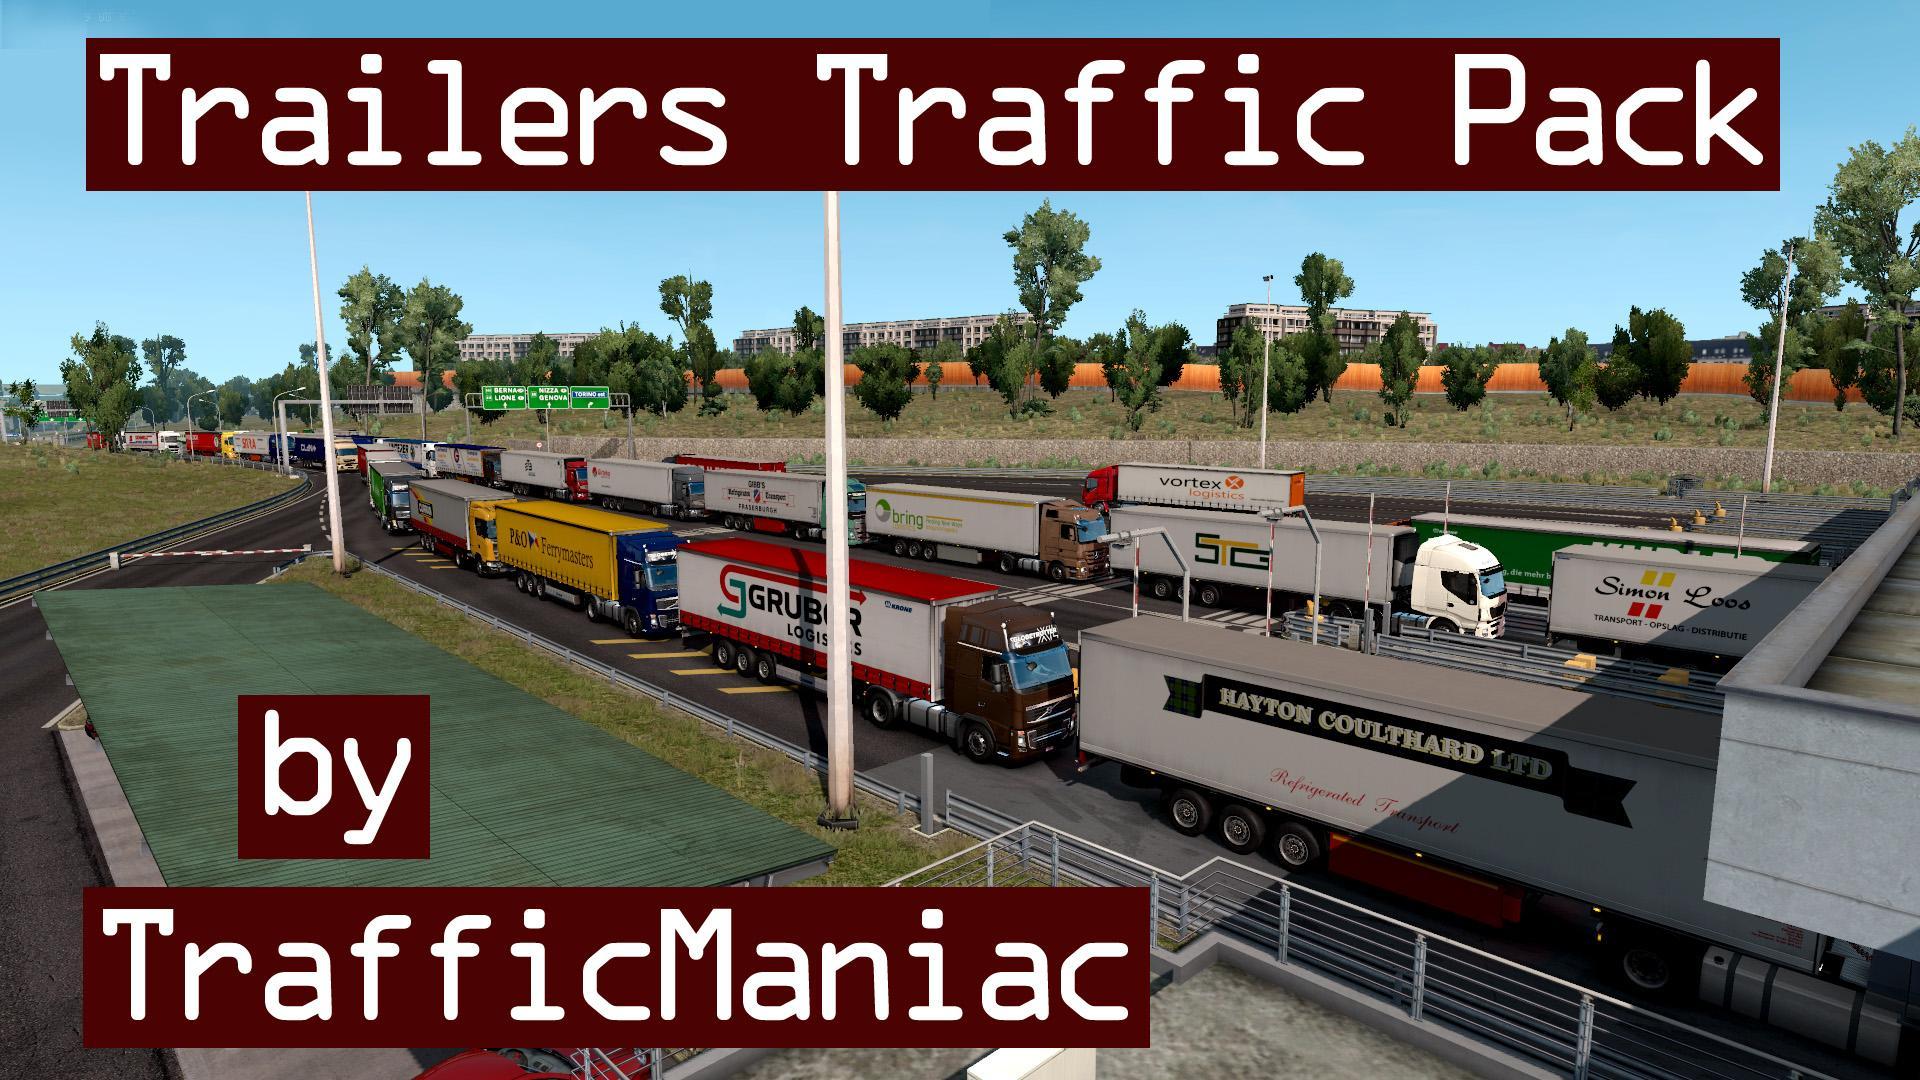 Trailers Traffic Pack by TrafficManiac v1.0